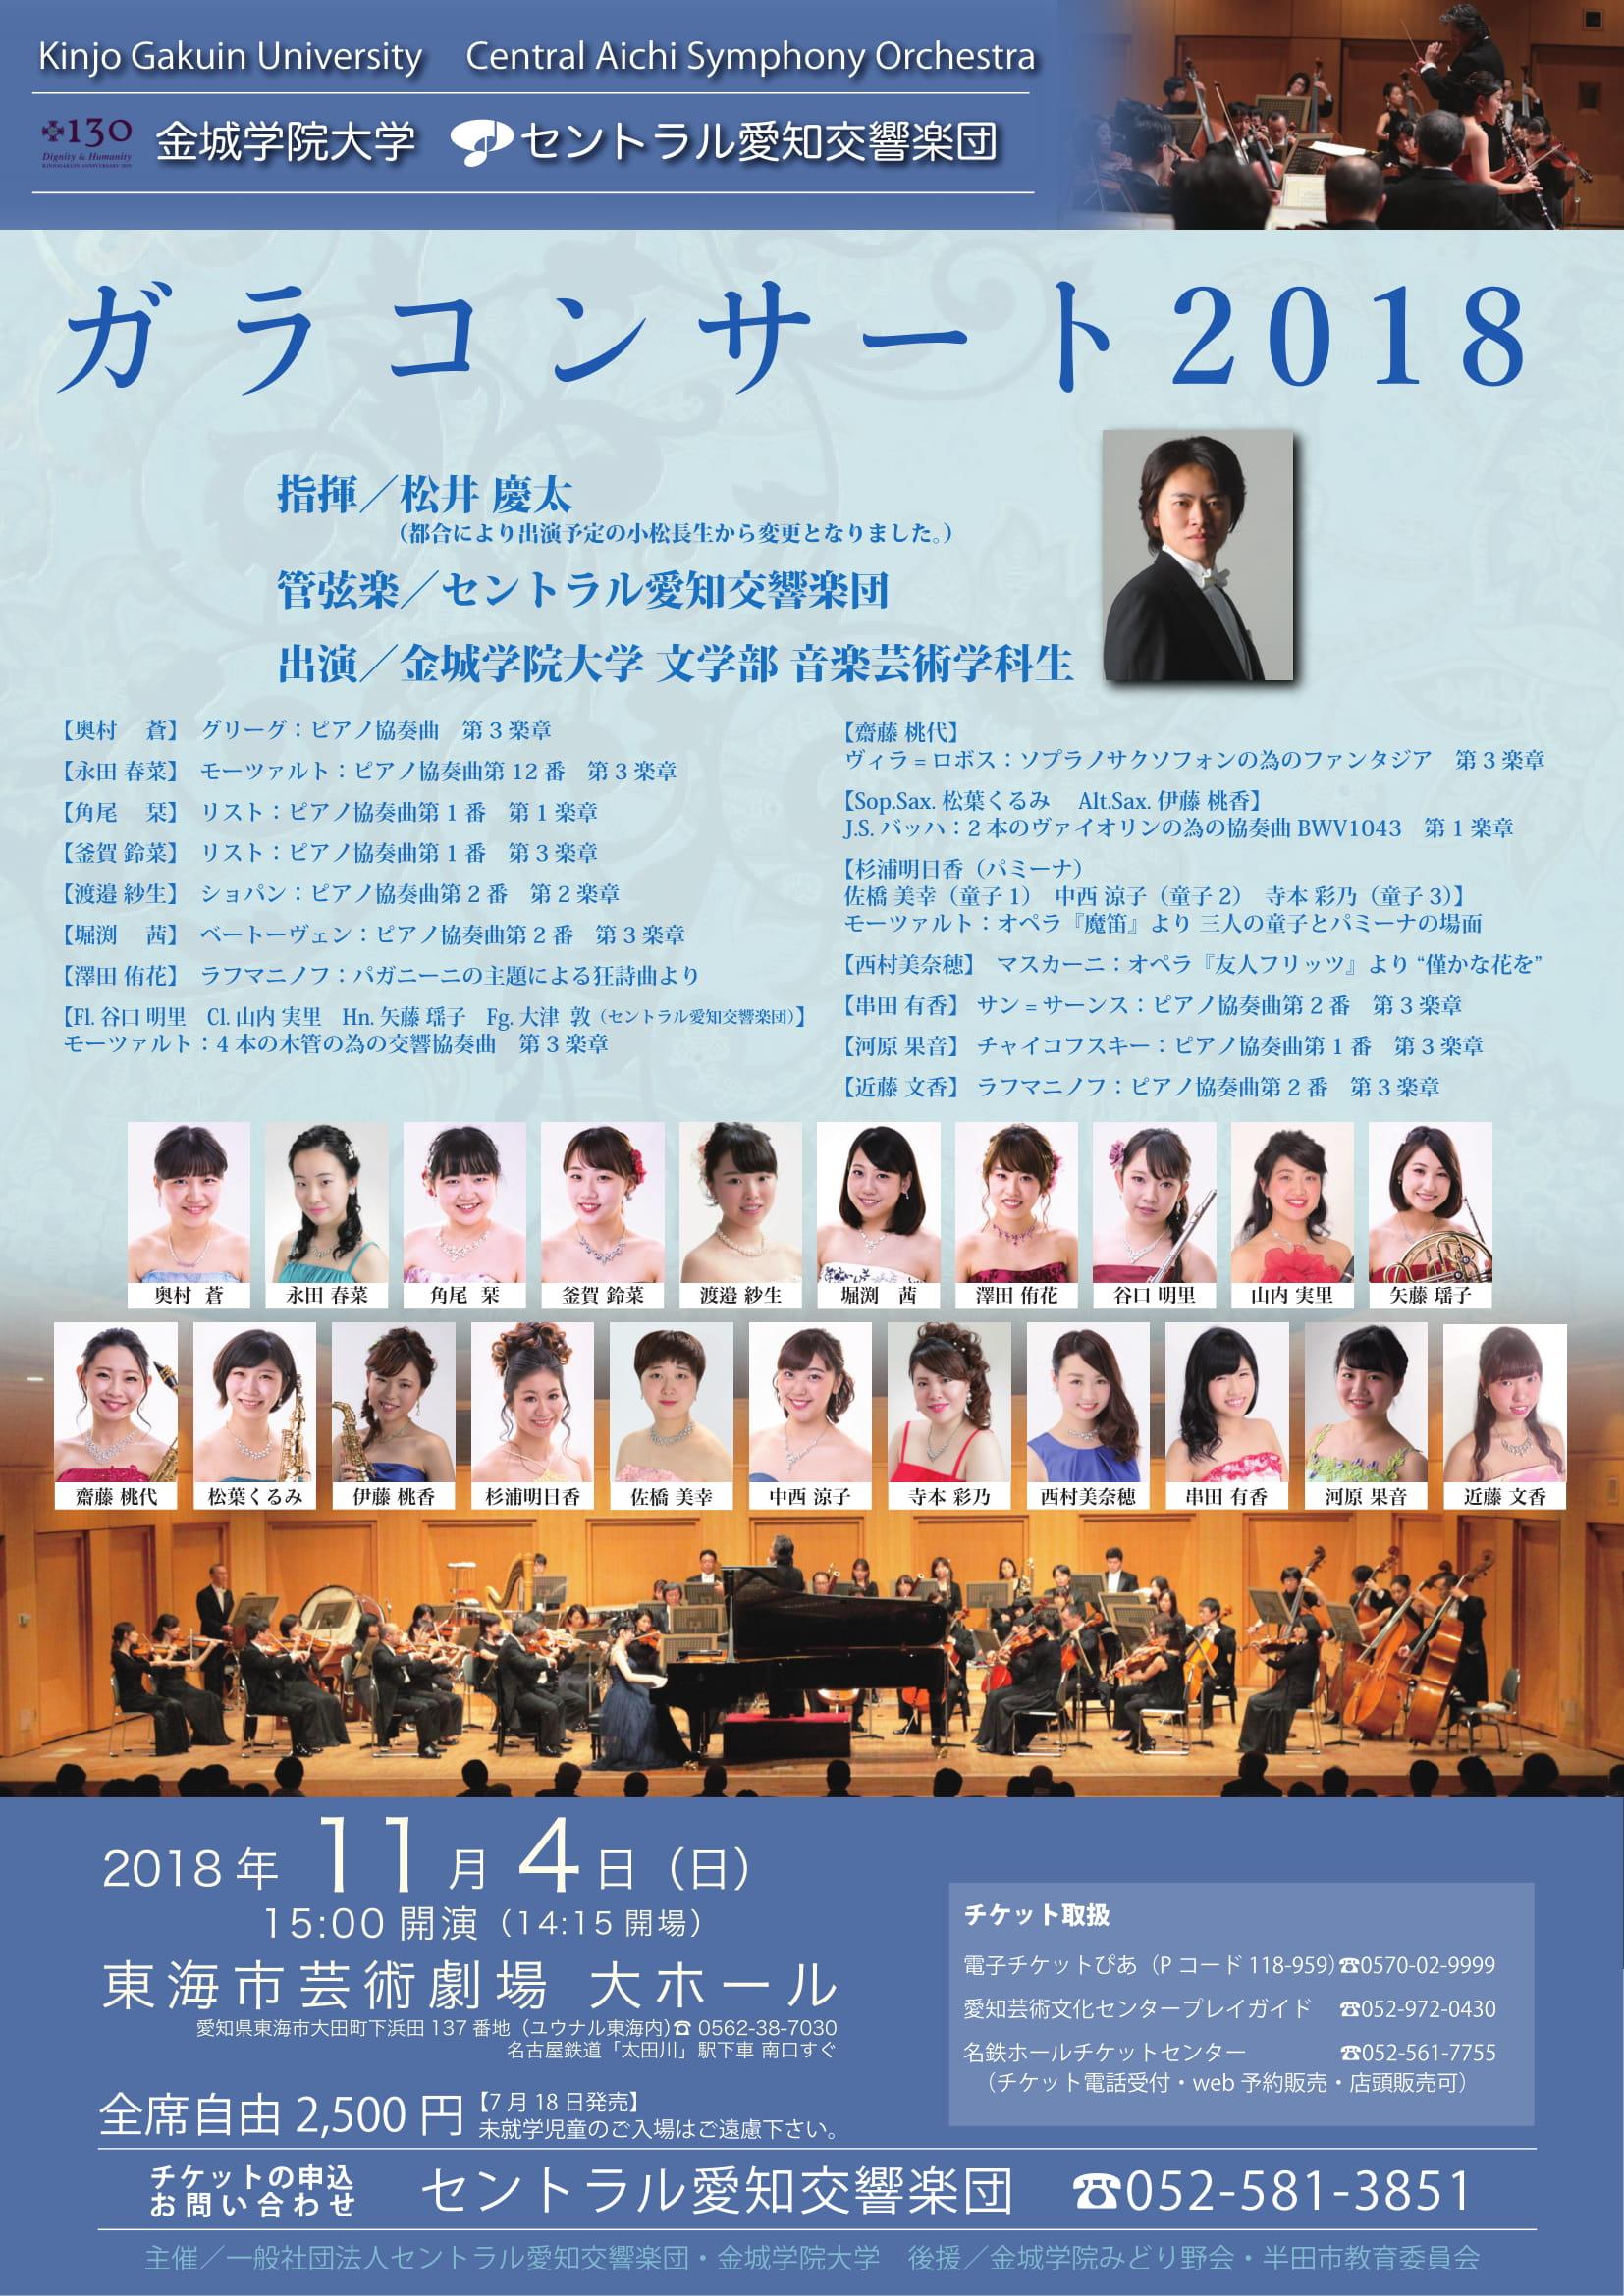 金城学院大学・セントラル愛知交響楽団  ガラコンサート2018